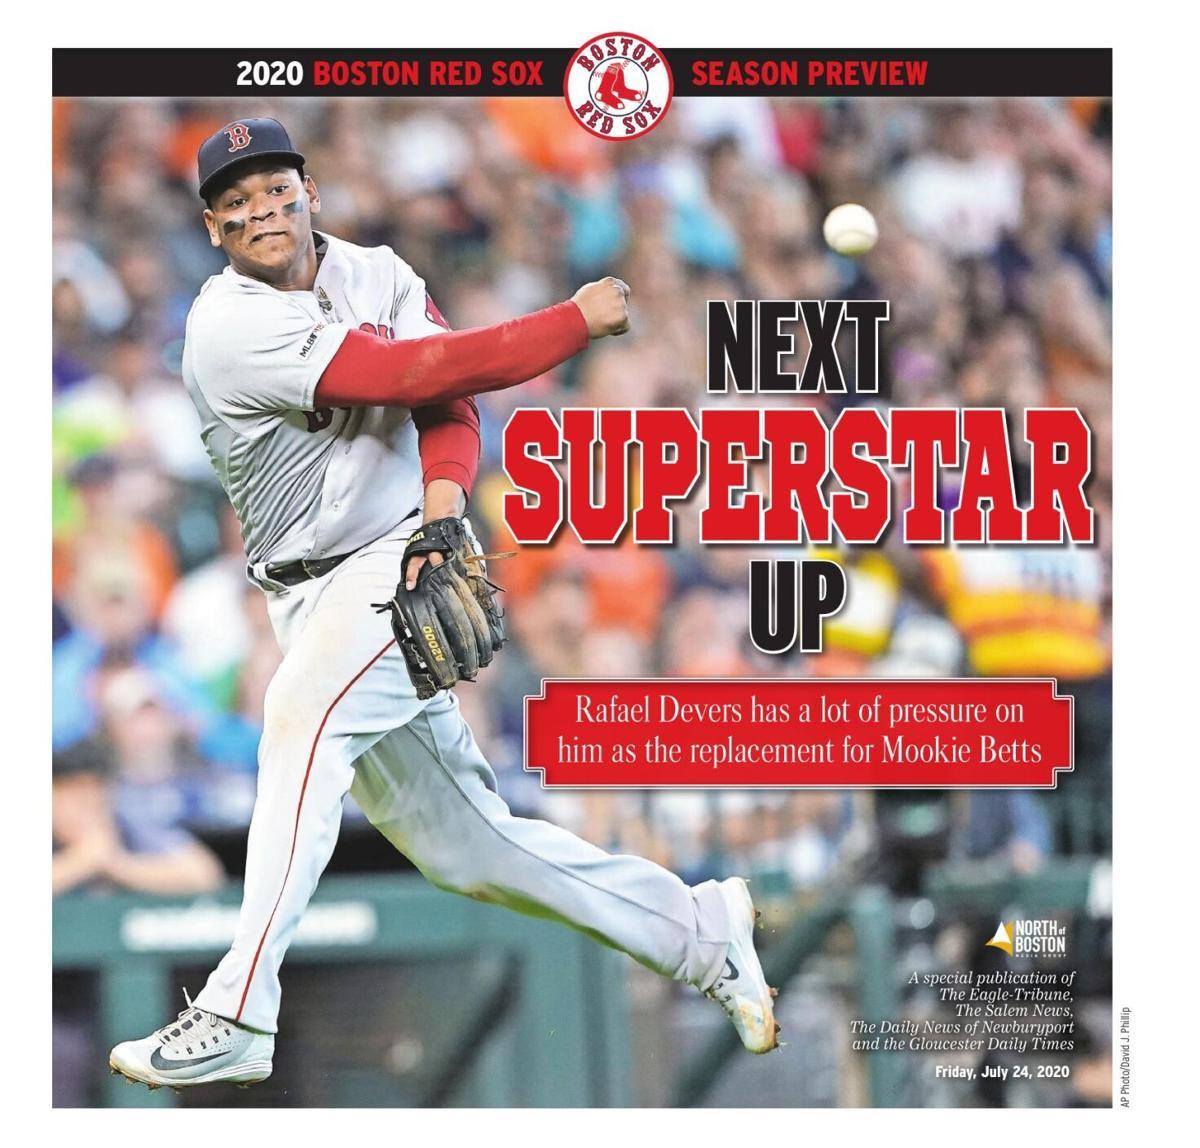 2020 Boston Red Sox Season Preview